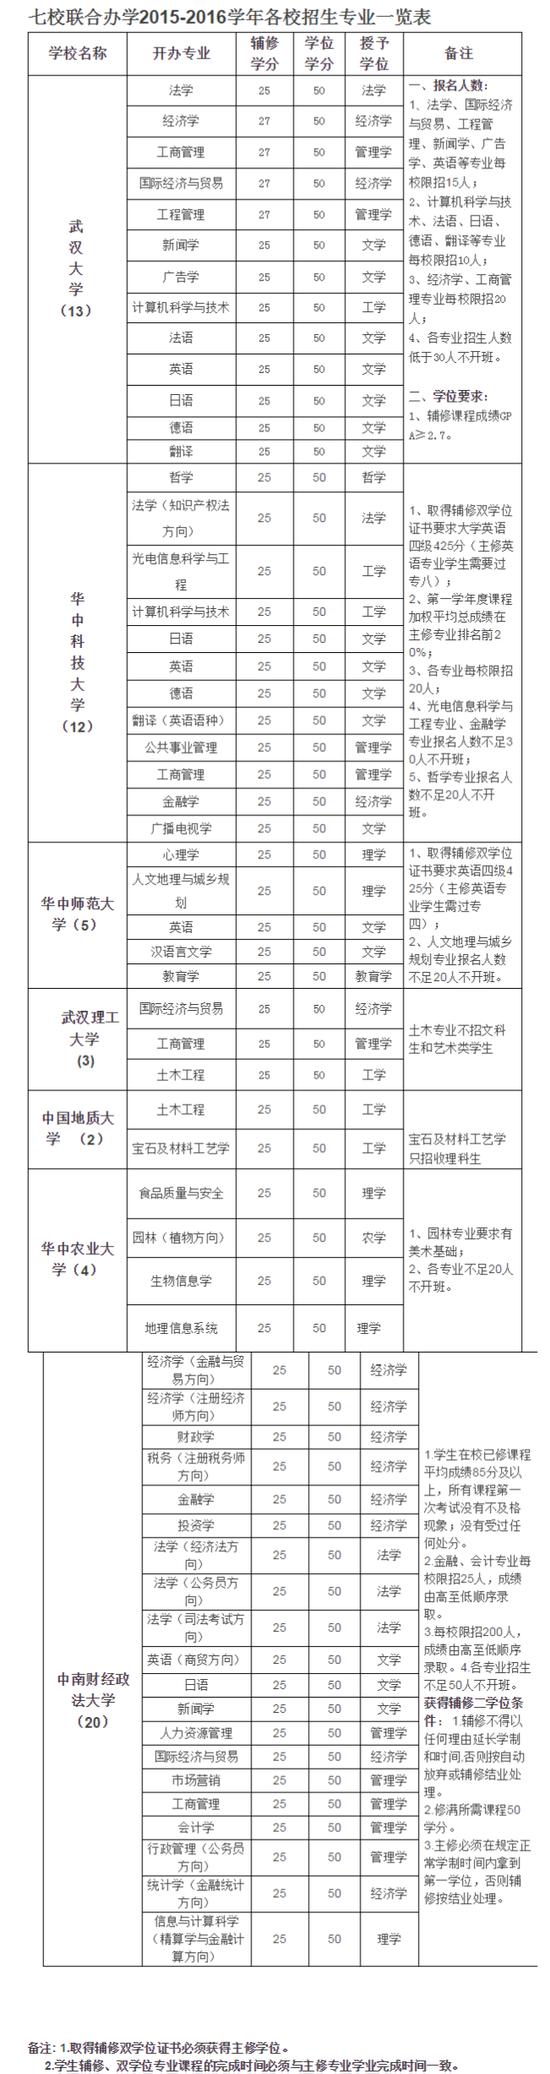 七校联合办学2015-2016学年各校招生专业一览表;来源于武汉理工大学官方平台